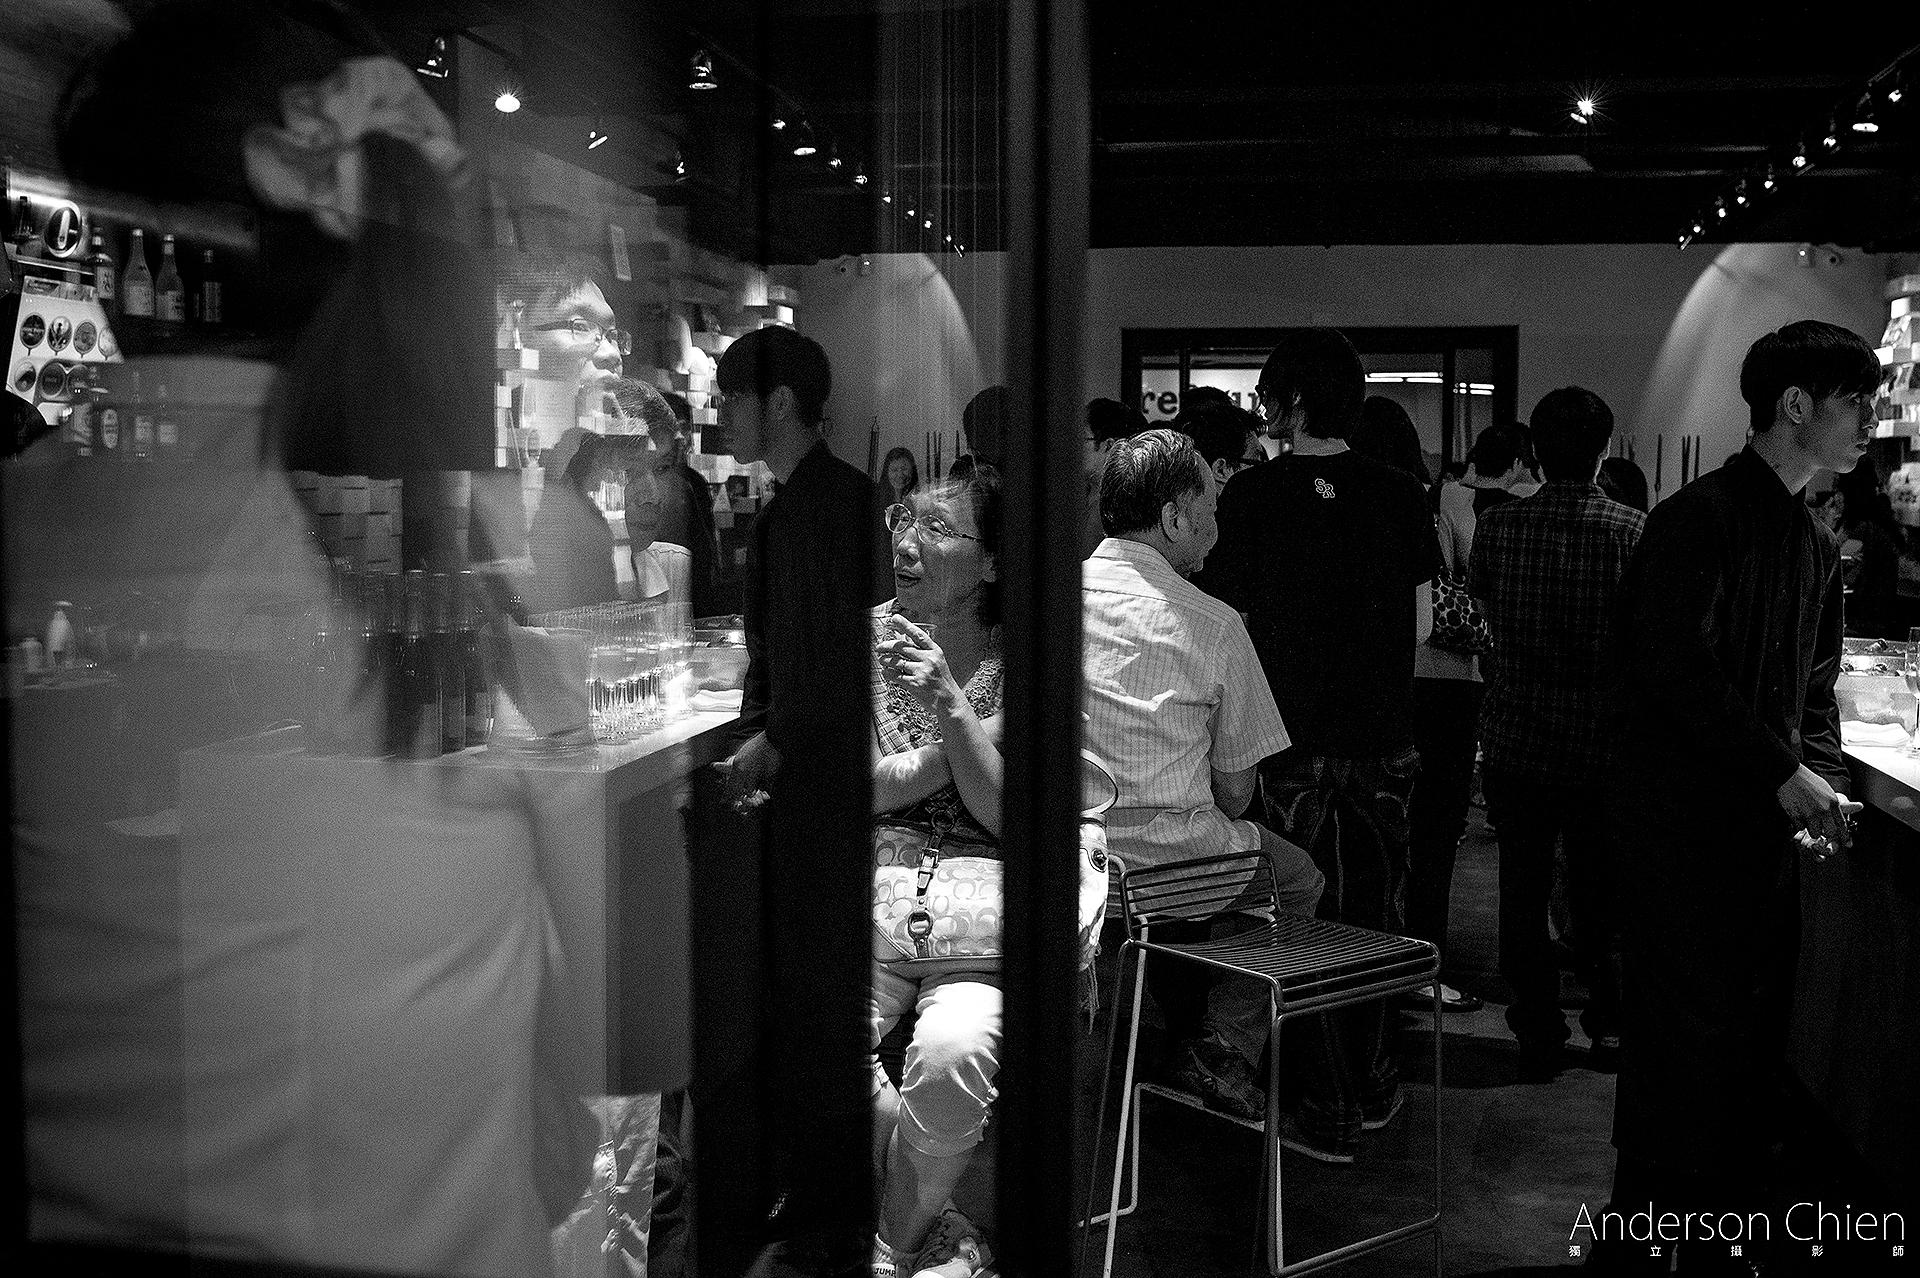 獨立攝影師 Anderson Chien   獨立婚紗   自助婚紗   婚禮紀實   平面攝影   婚禮紀錄   海外婚紗   自主婚紗